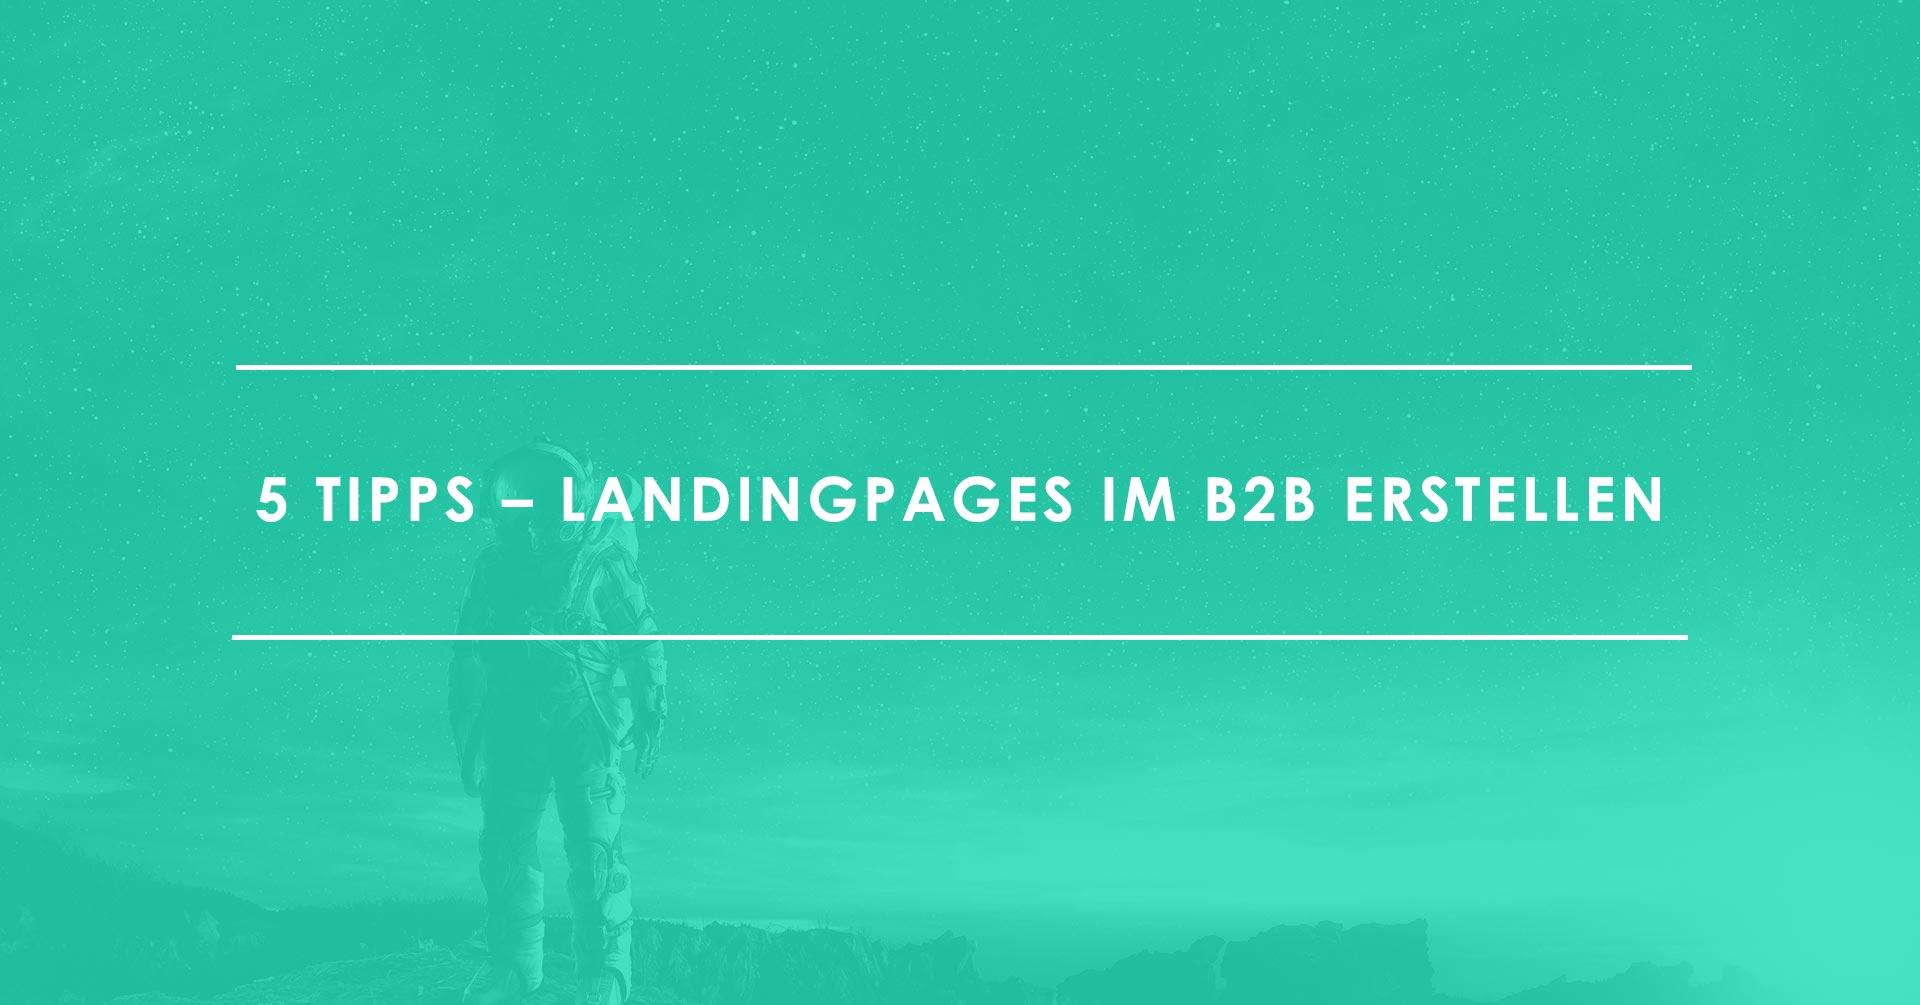 Erfolgreiche Landing Pages erstellen im B2B